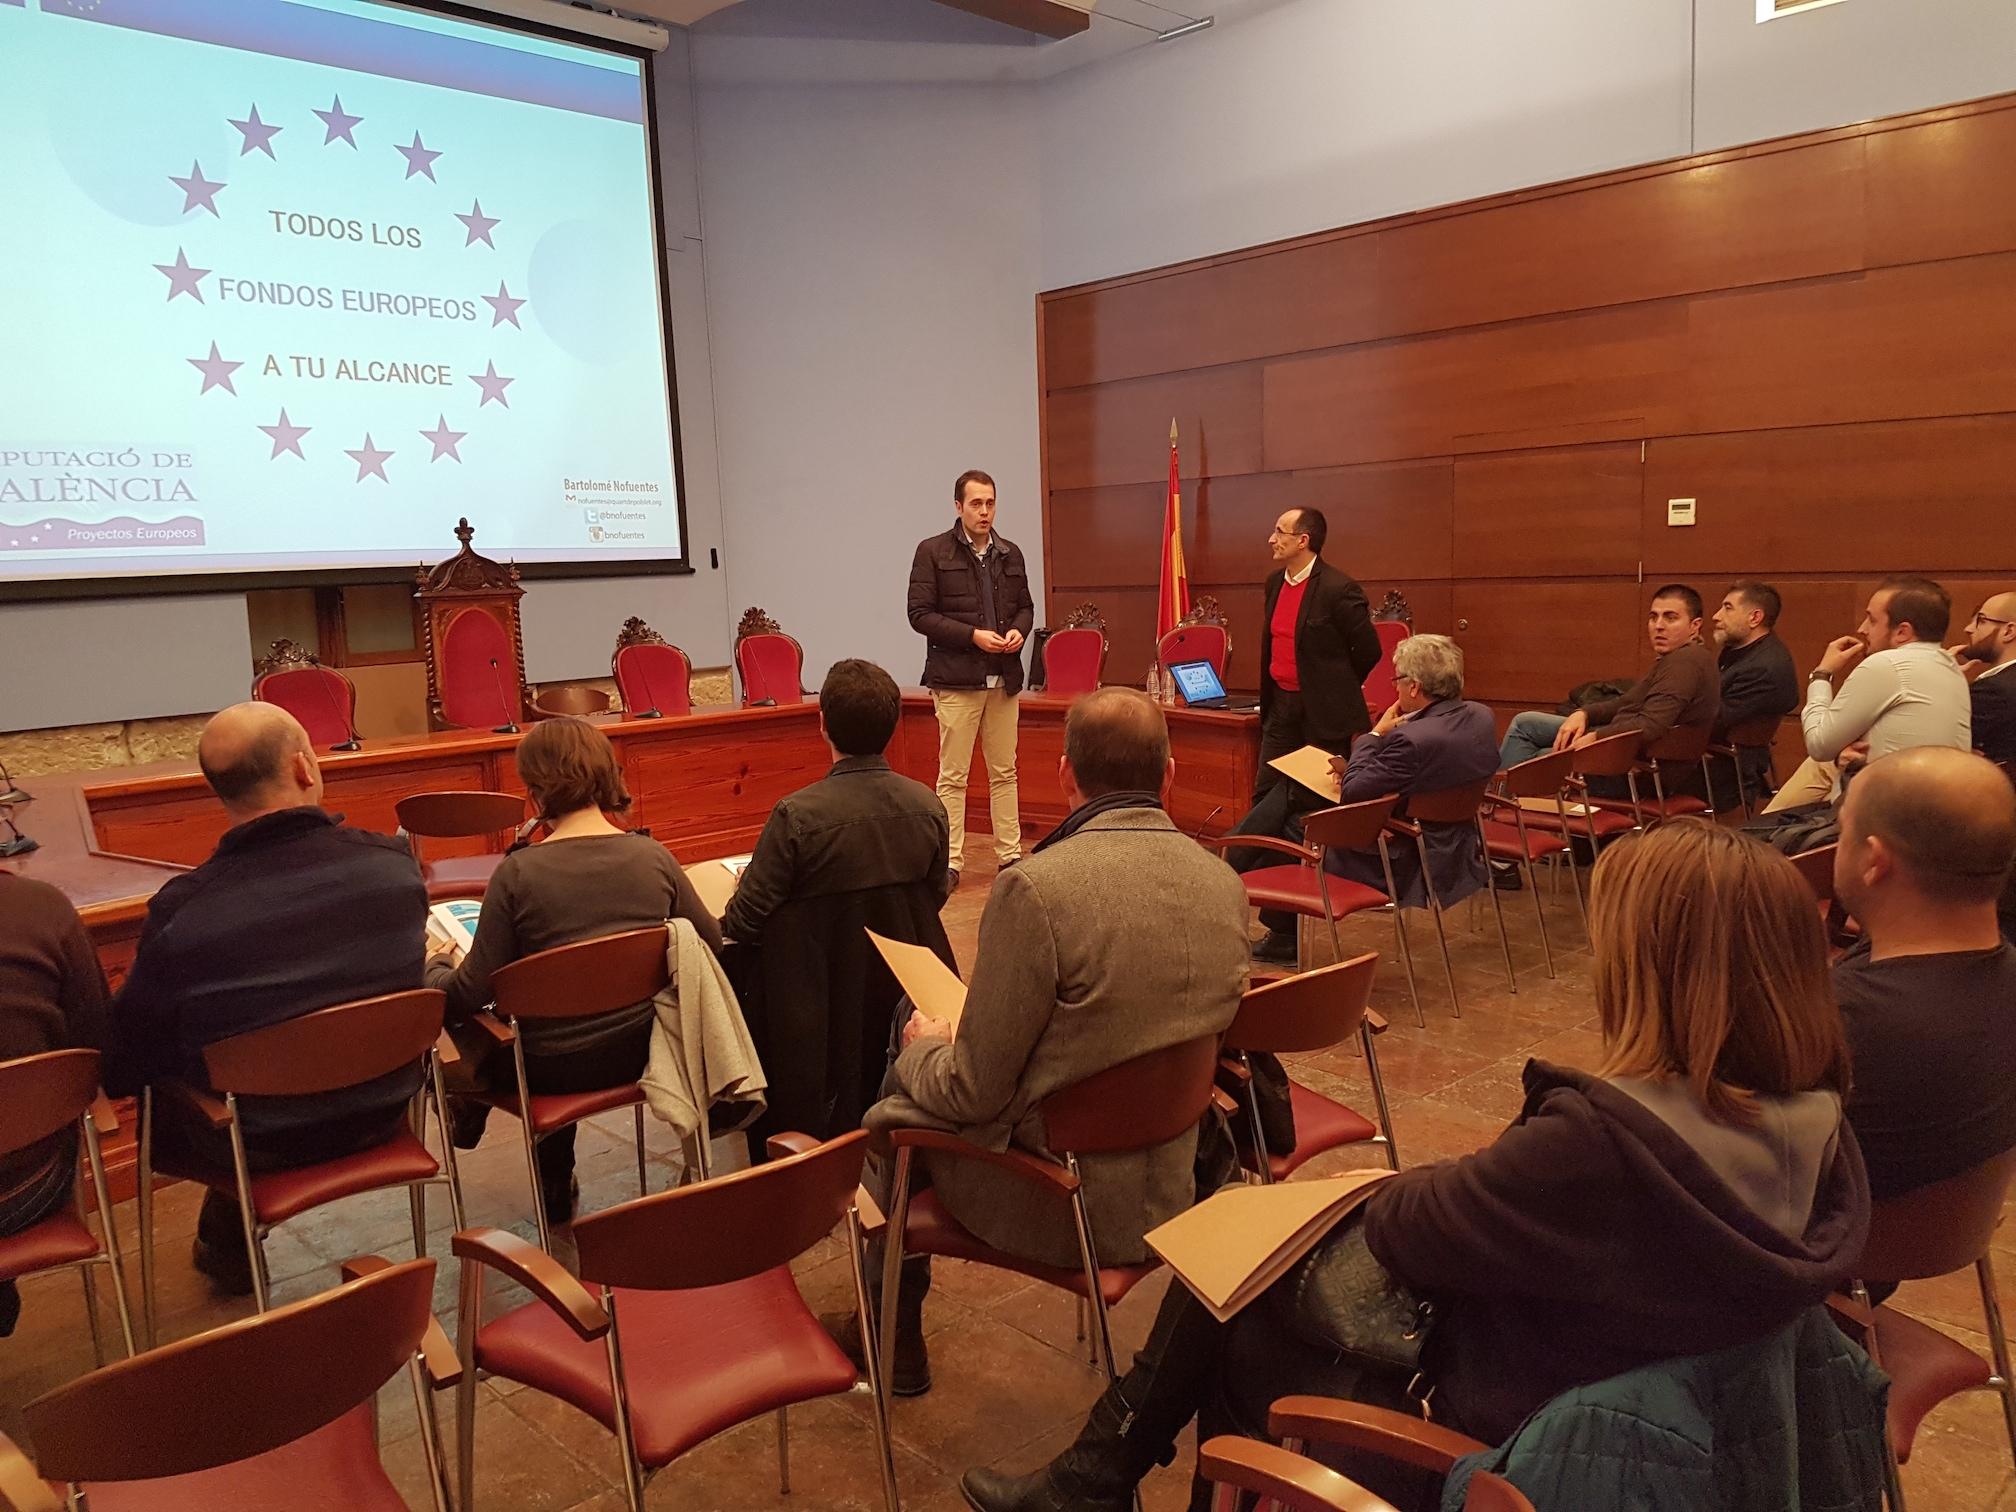 El alcalde de Cheste, José Morell, y el diputado provincial Bartolomé Nofuentes desarrollaron el programa de la charla.